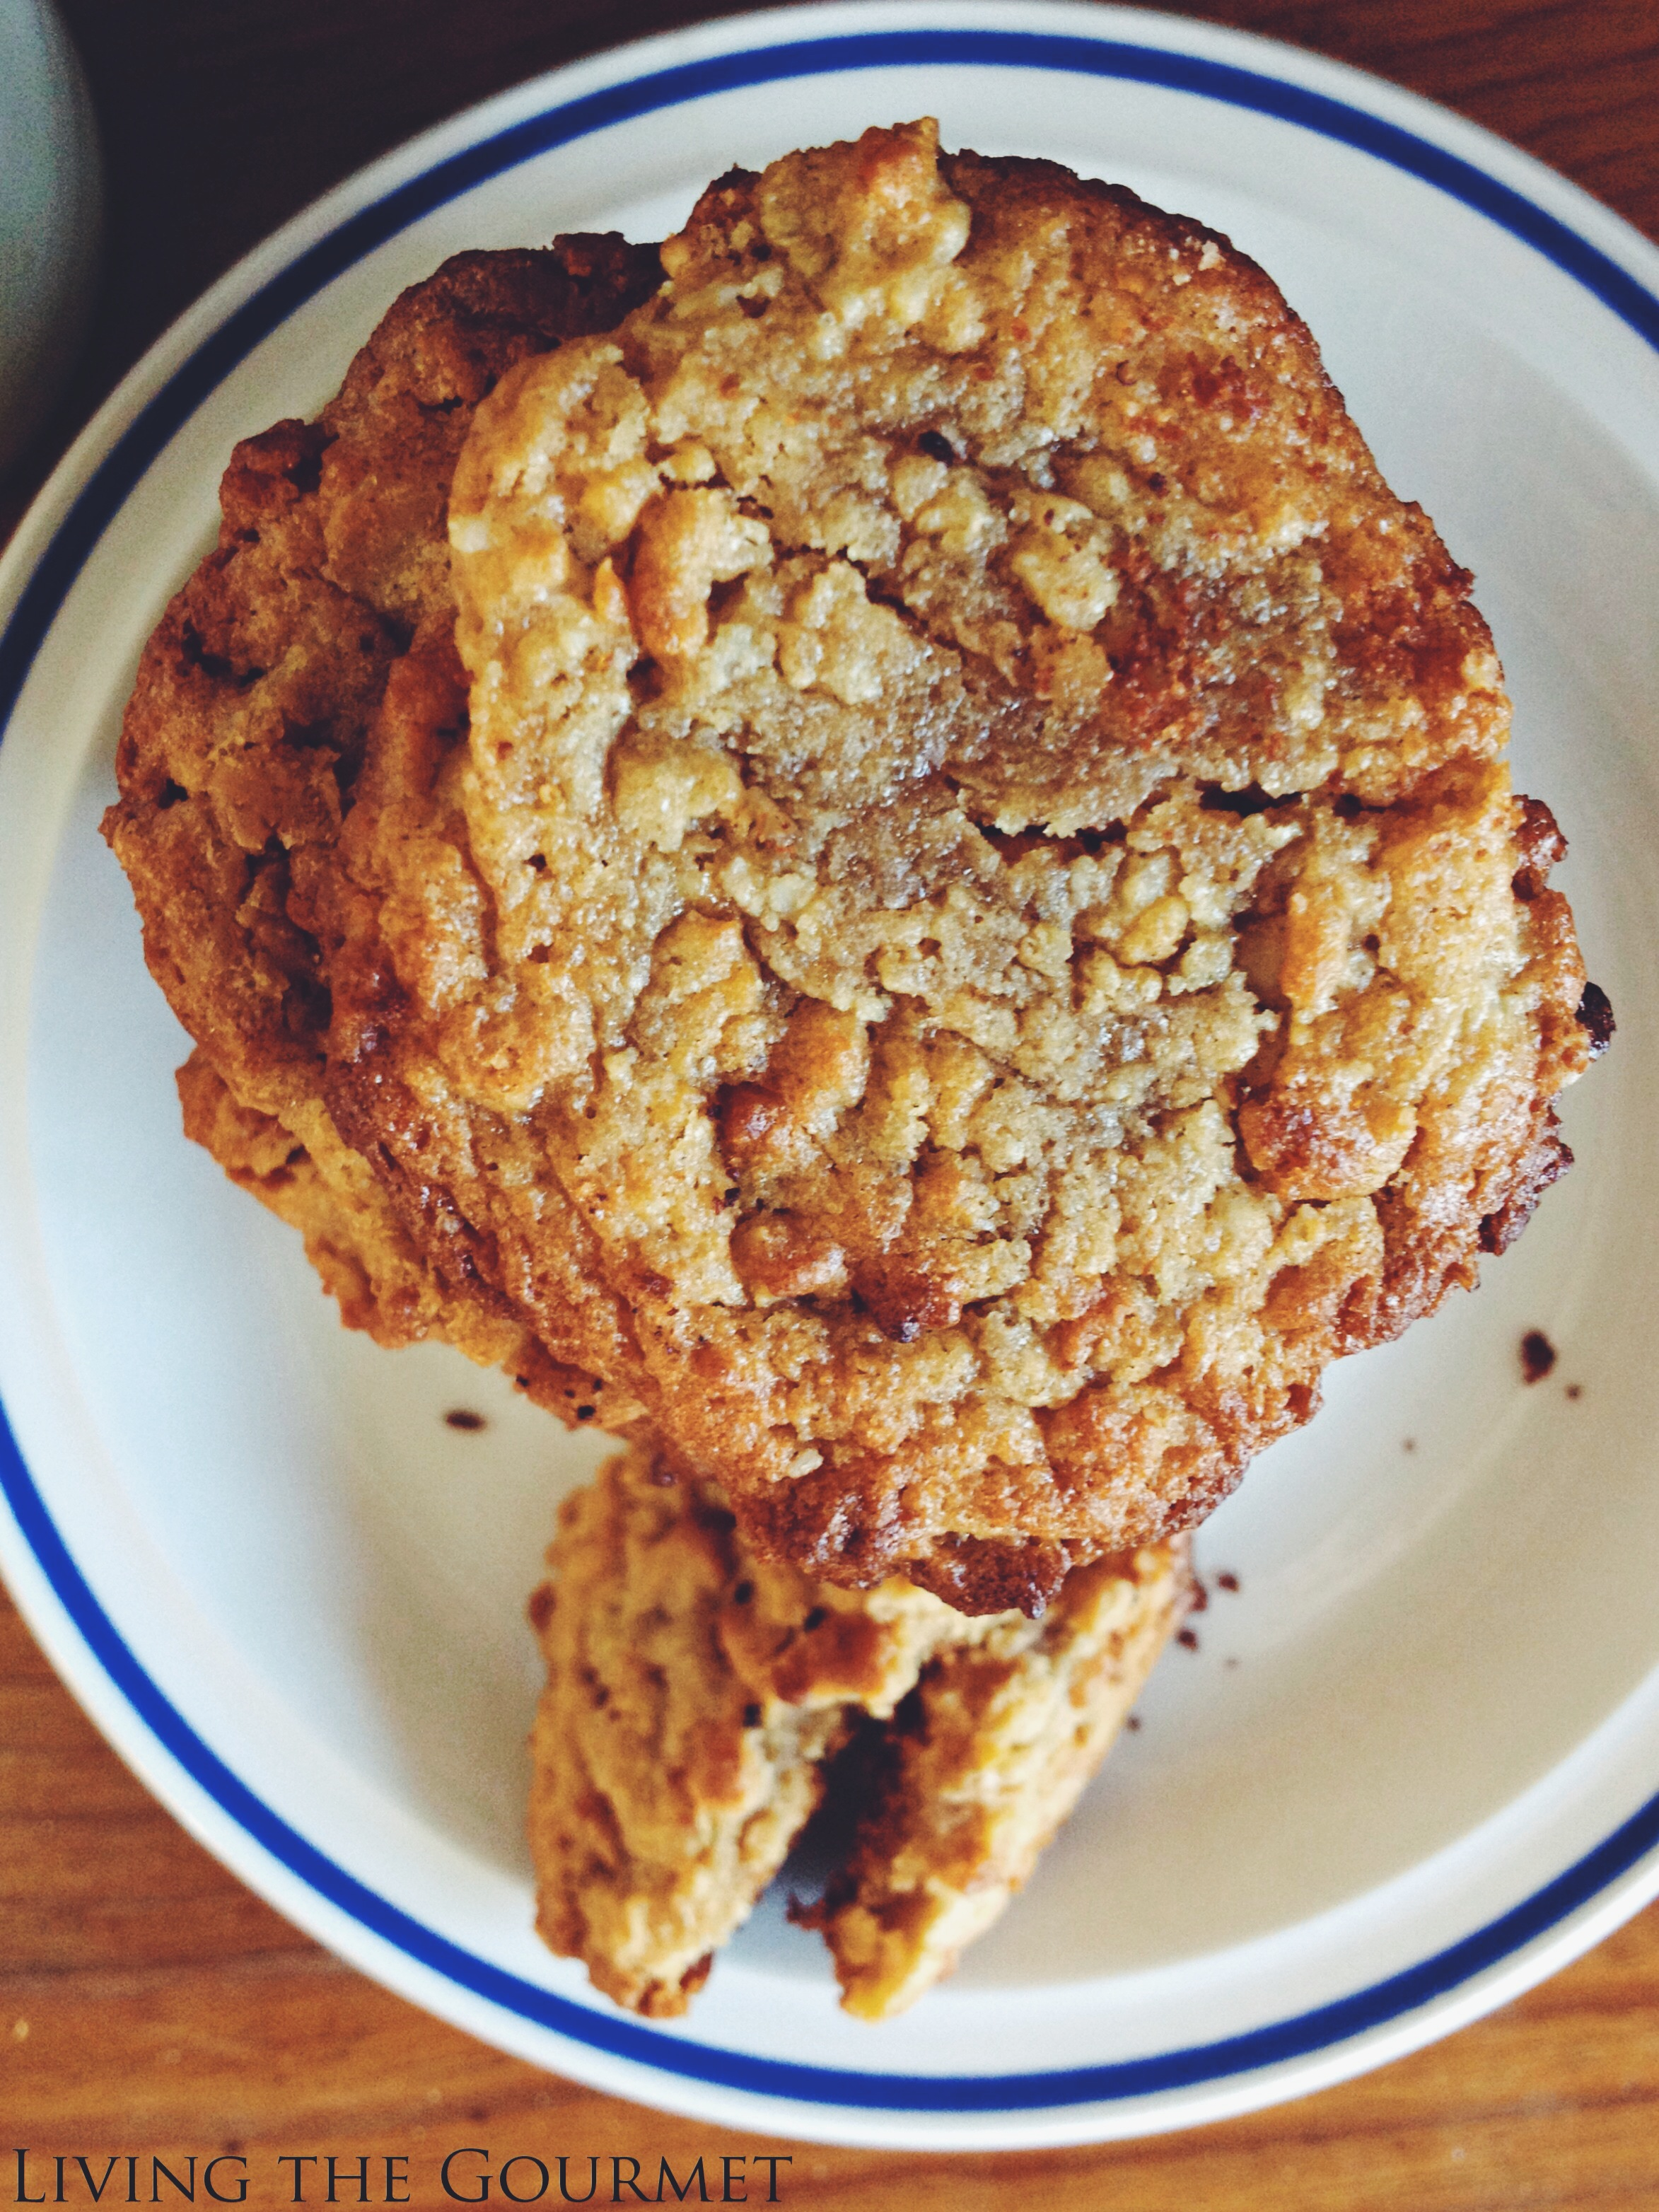 Living the Gourmet: Flourless Peanut Butter Cookies